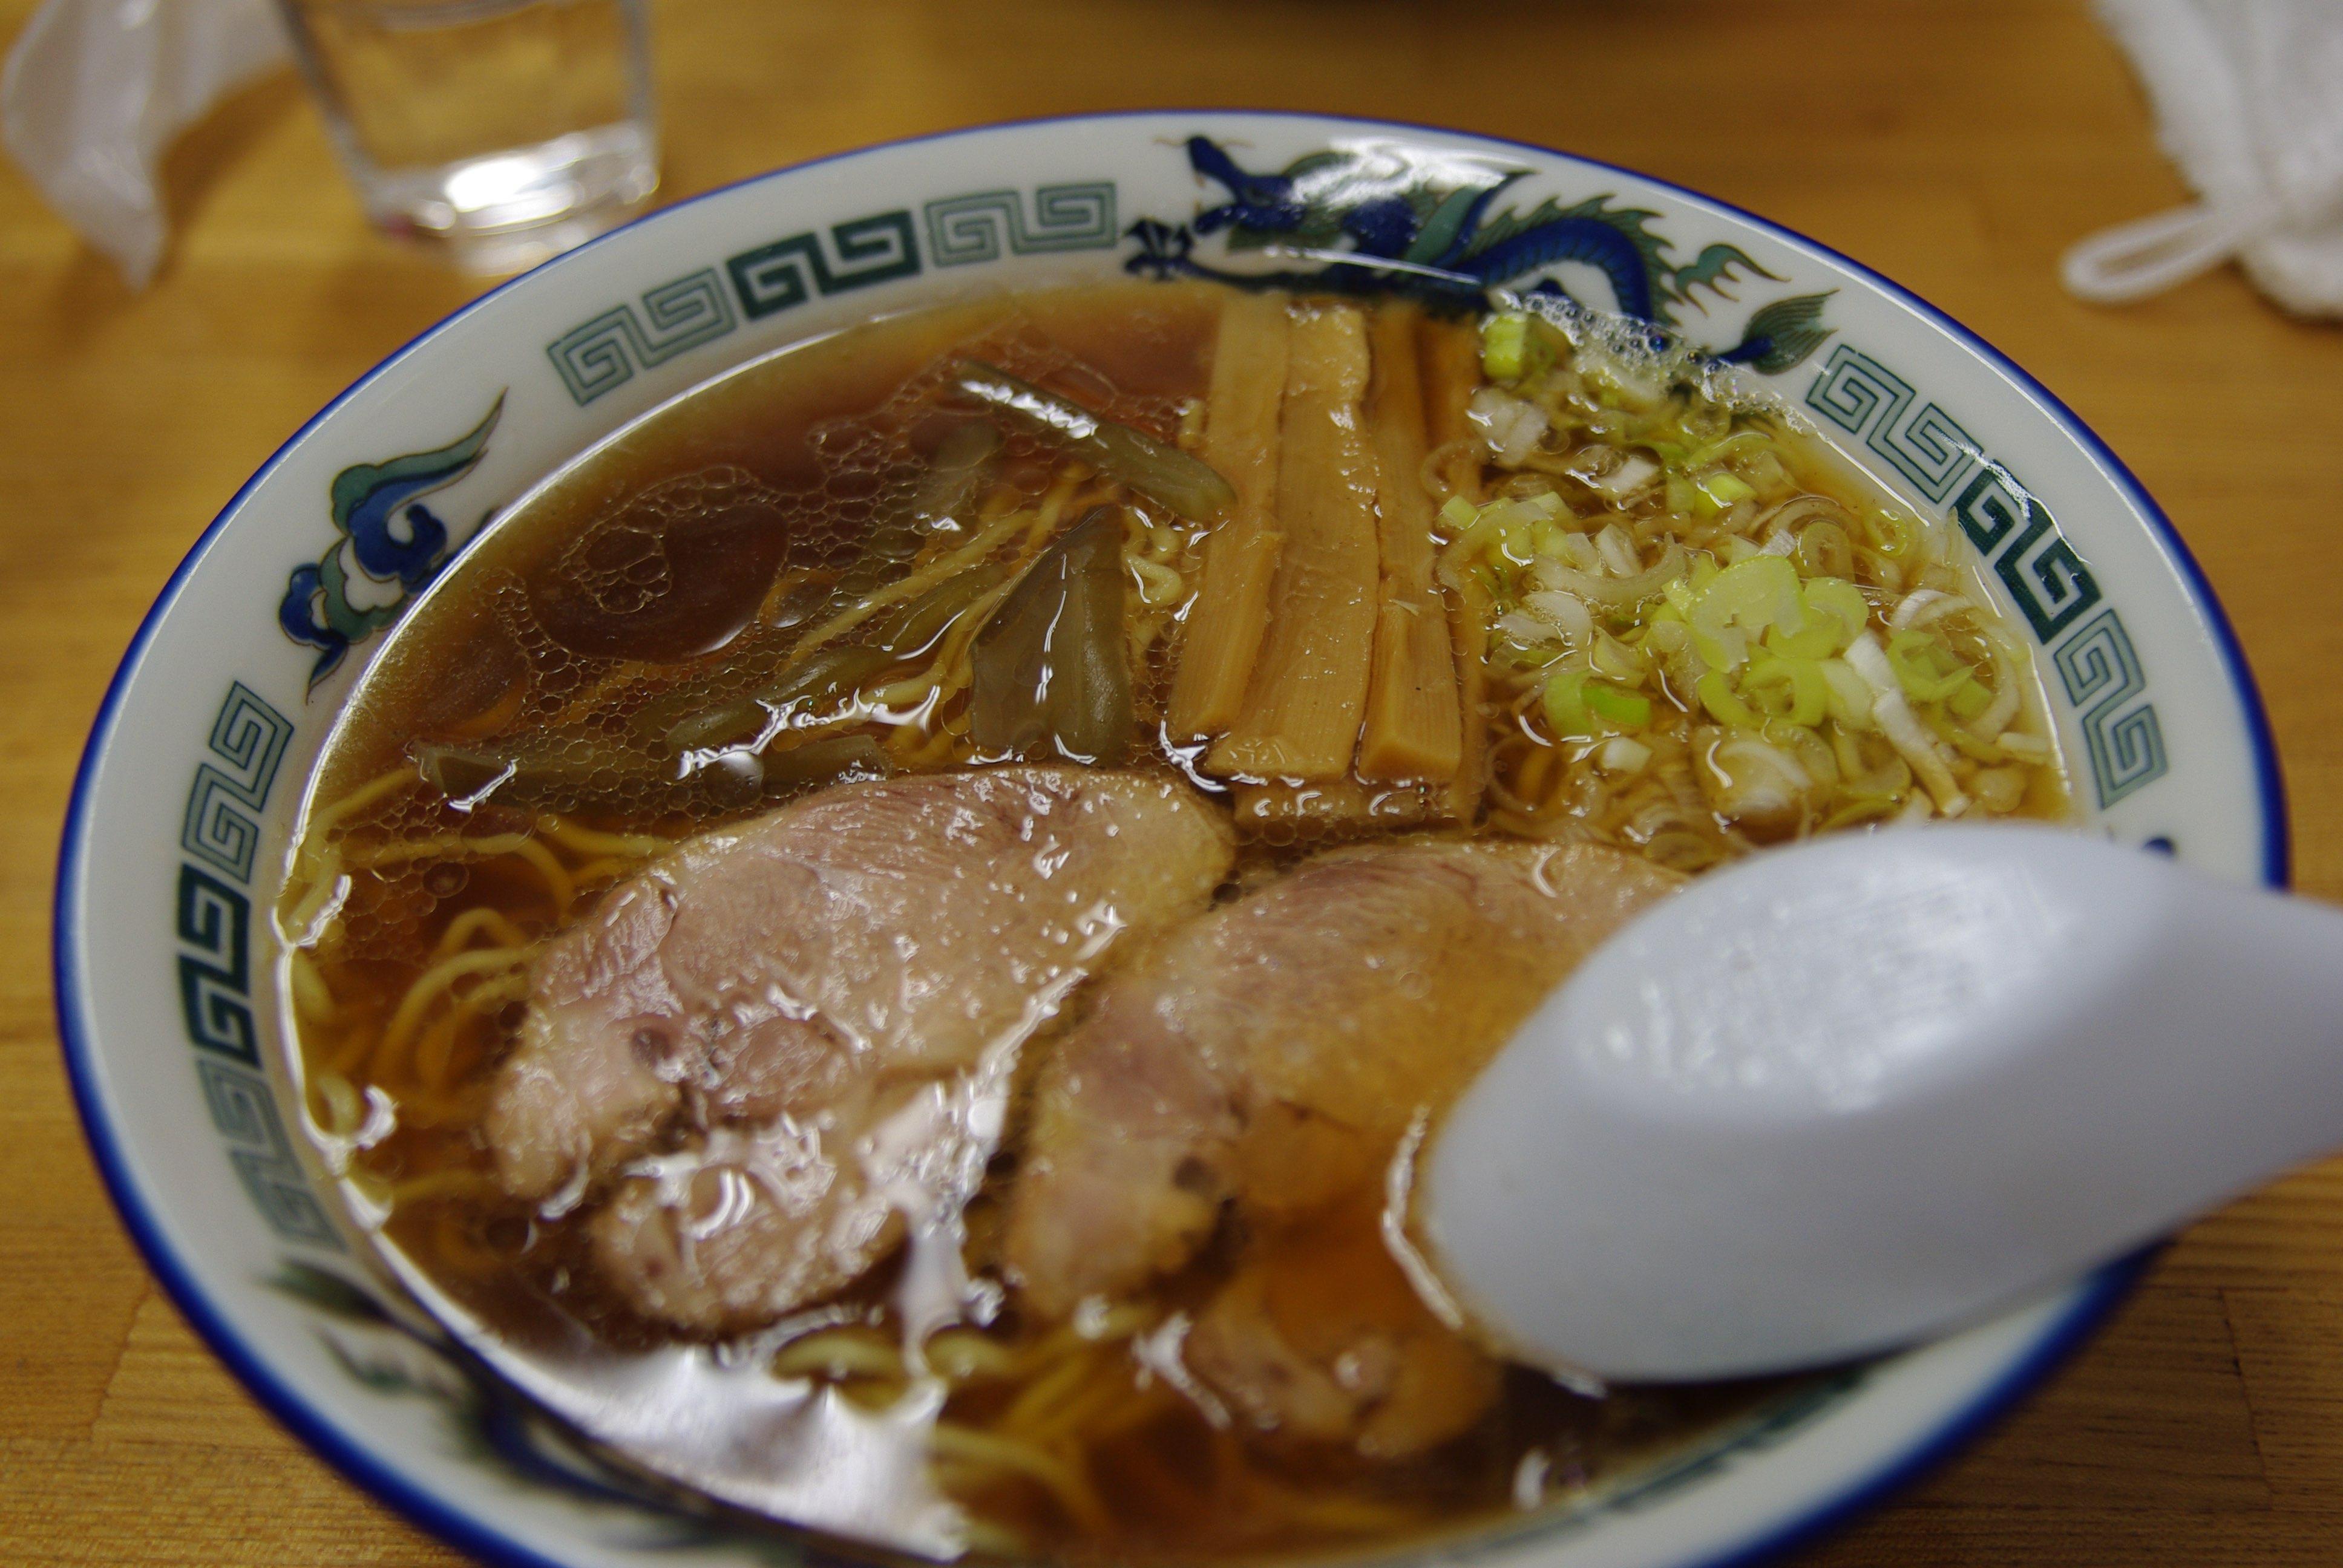 A bowl of Asahikawa ramen